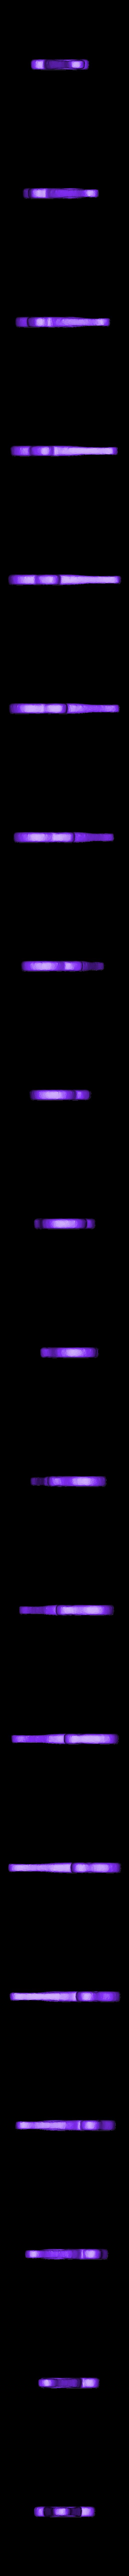 skr.stl Télécharger fichier STL gratuit Porte-clés ScreaM • Modèle pour impression 3D, shuranikishin